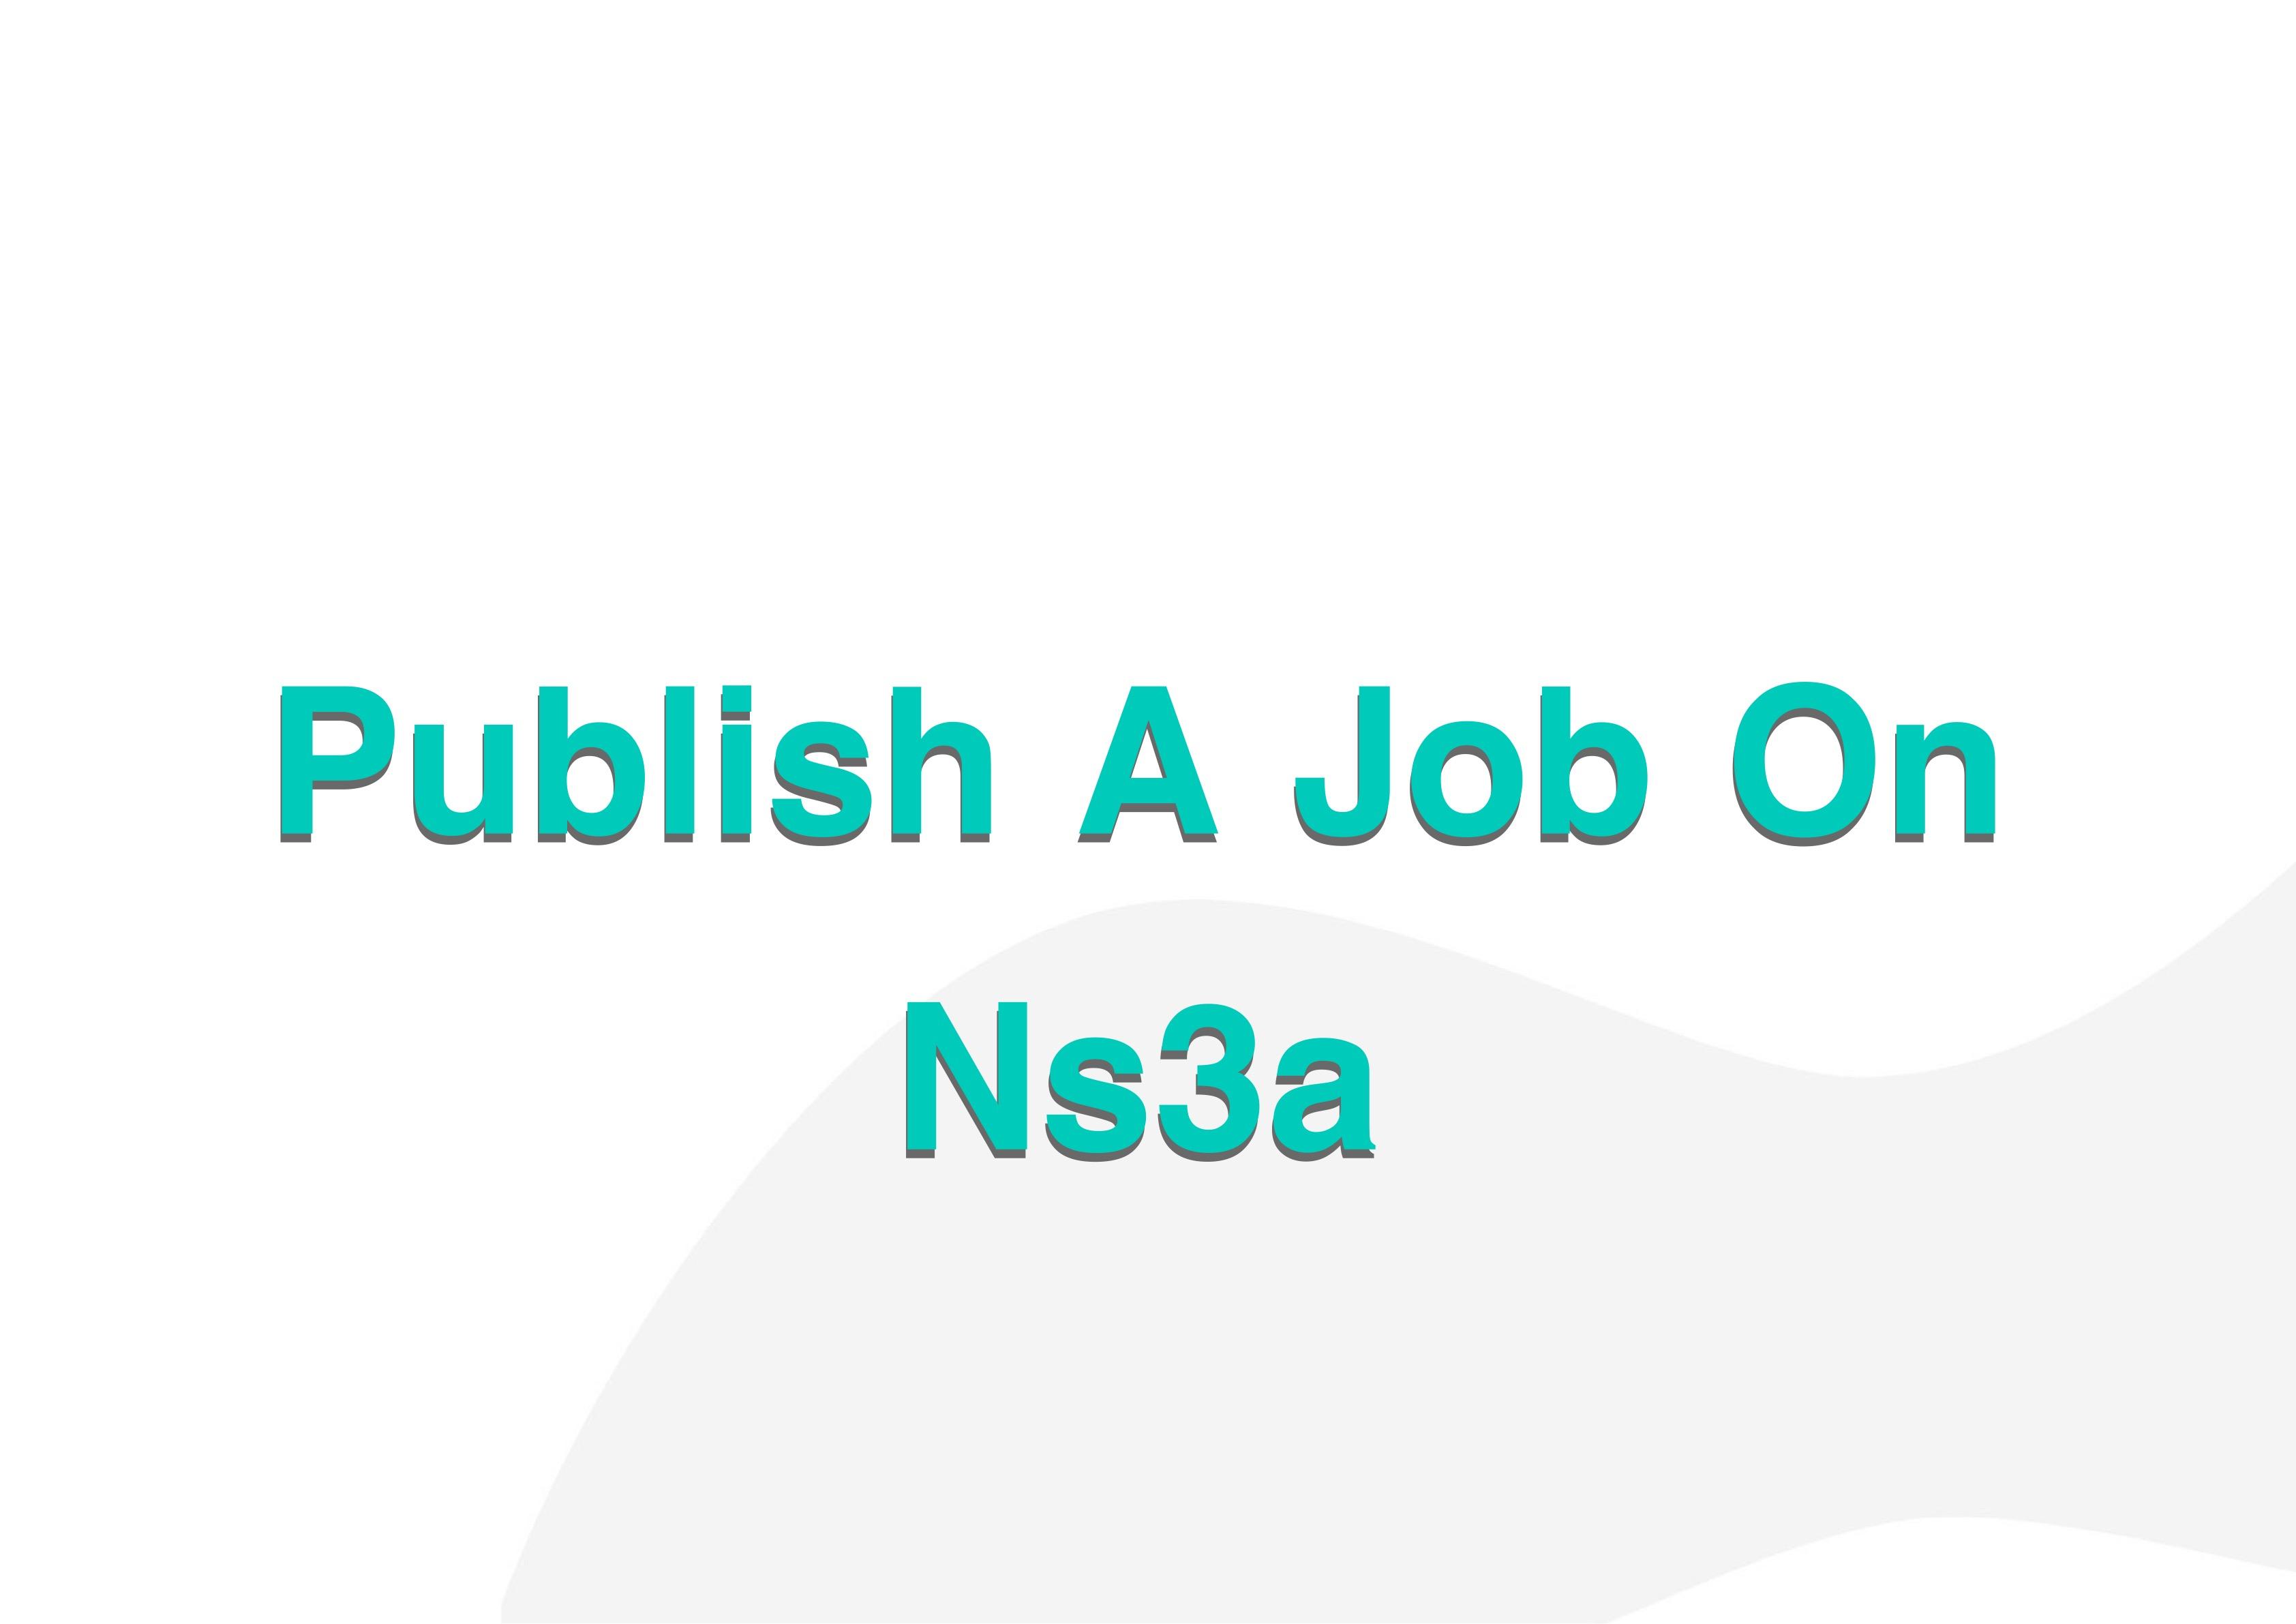 Publish A Job On Ns3a